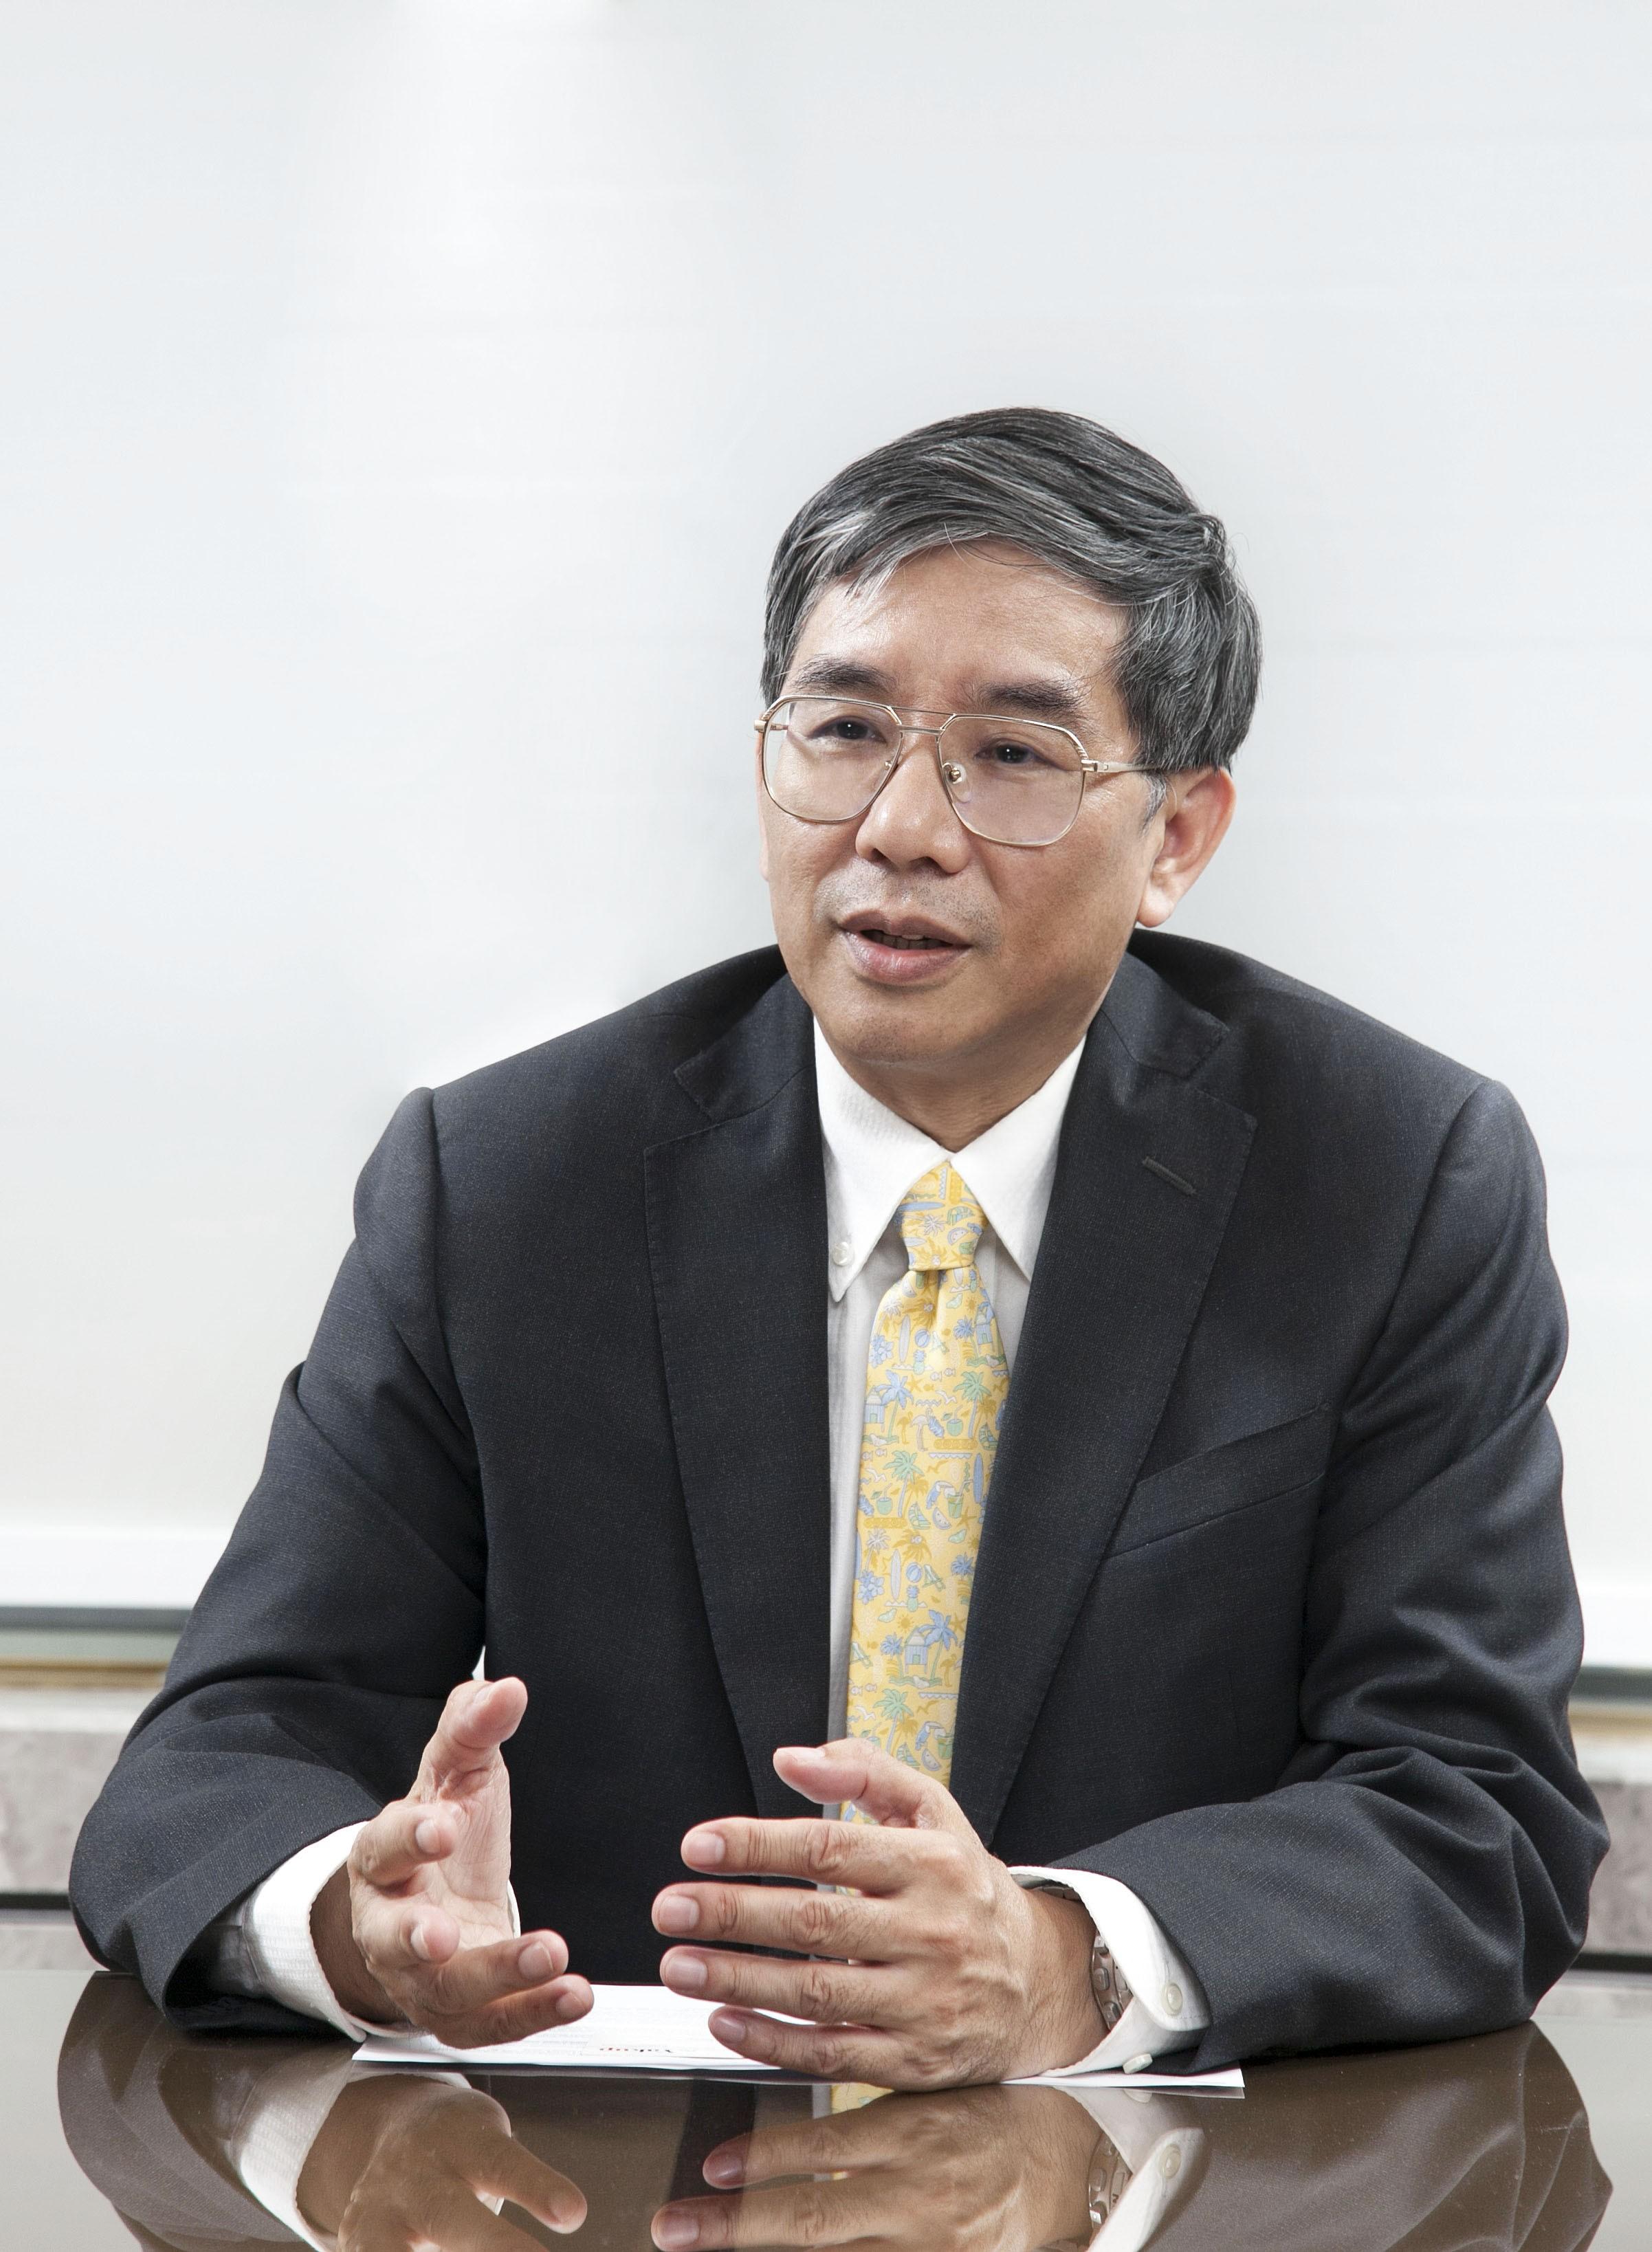 제임스 진신 양(James Chih-Hsin Yang) 교수